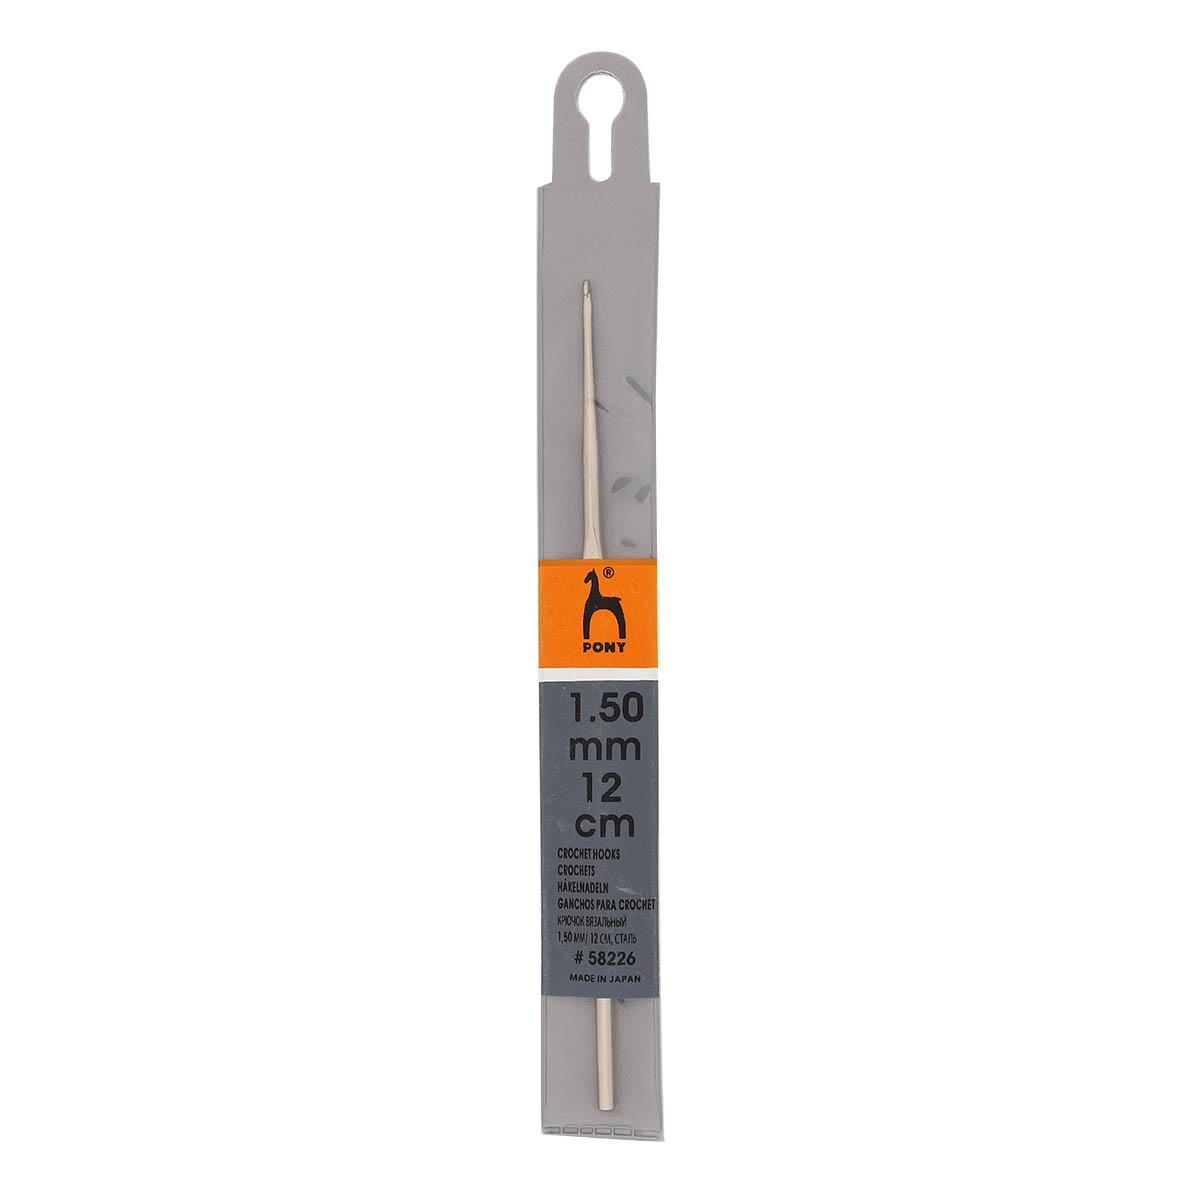 58226 (58674) Крючок вязальный, 1,50 мм*12 см, PONY